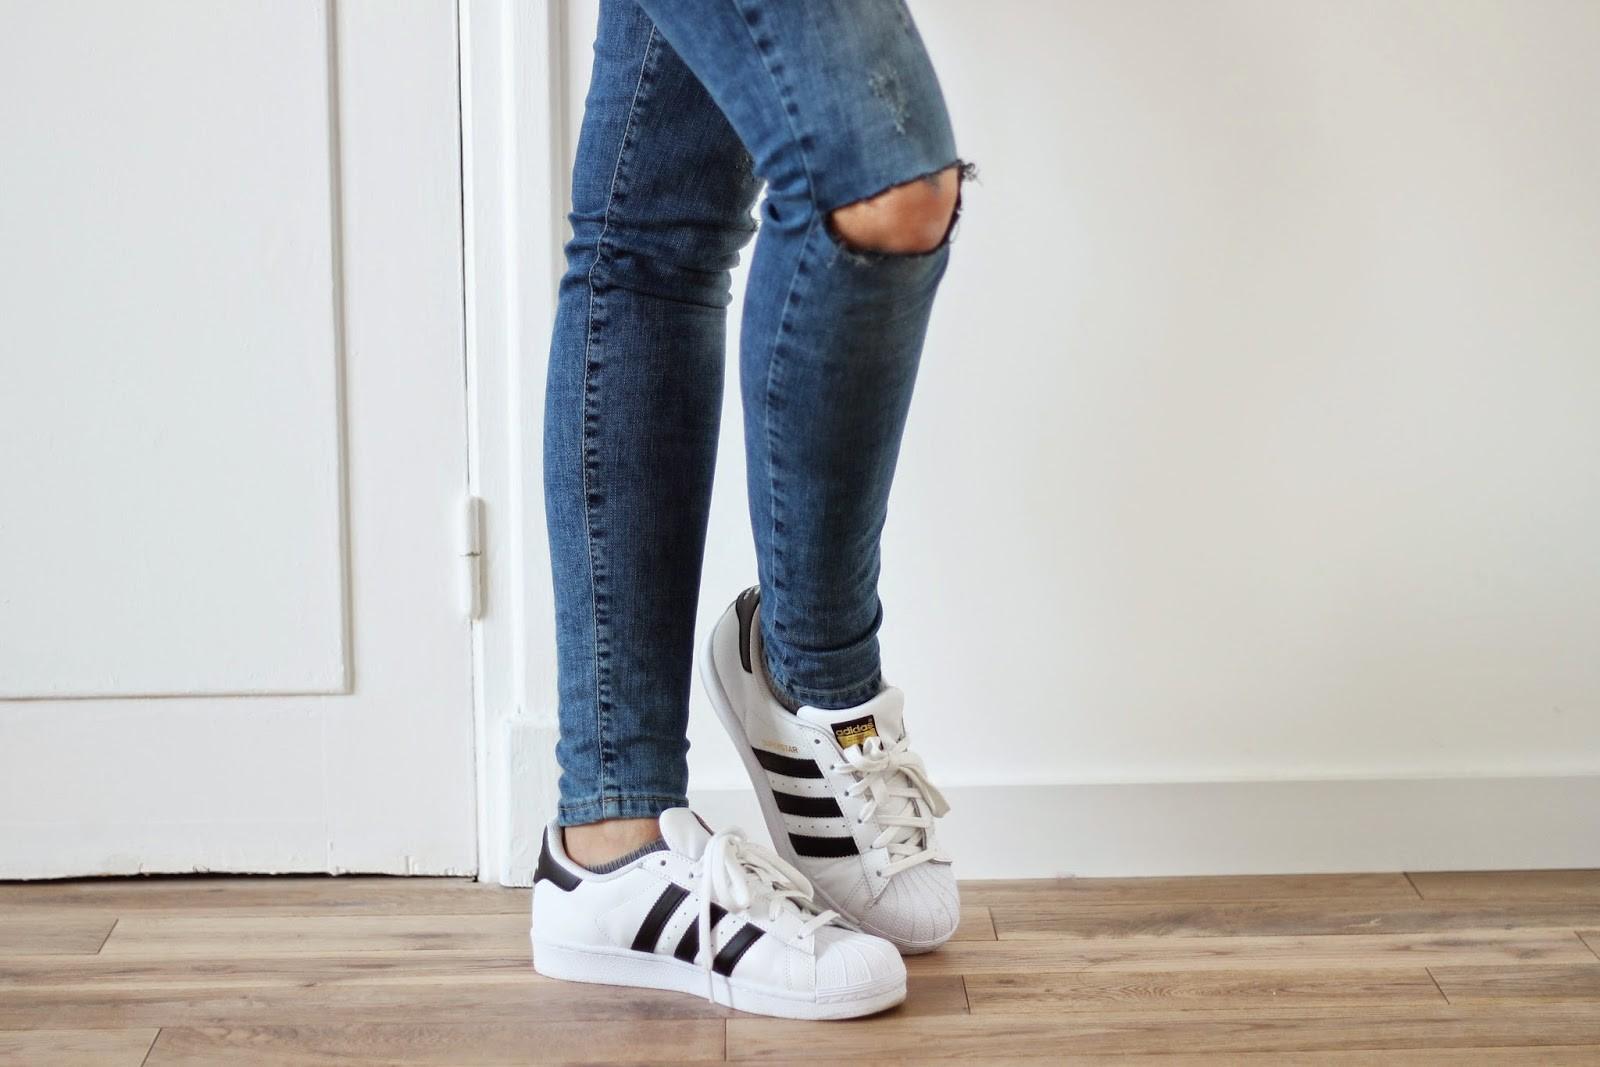 adidas Blanche Superstar De Femme Importation Adidas Porte